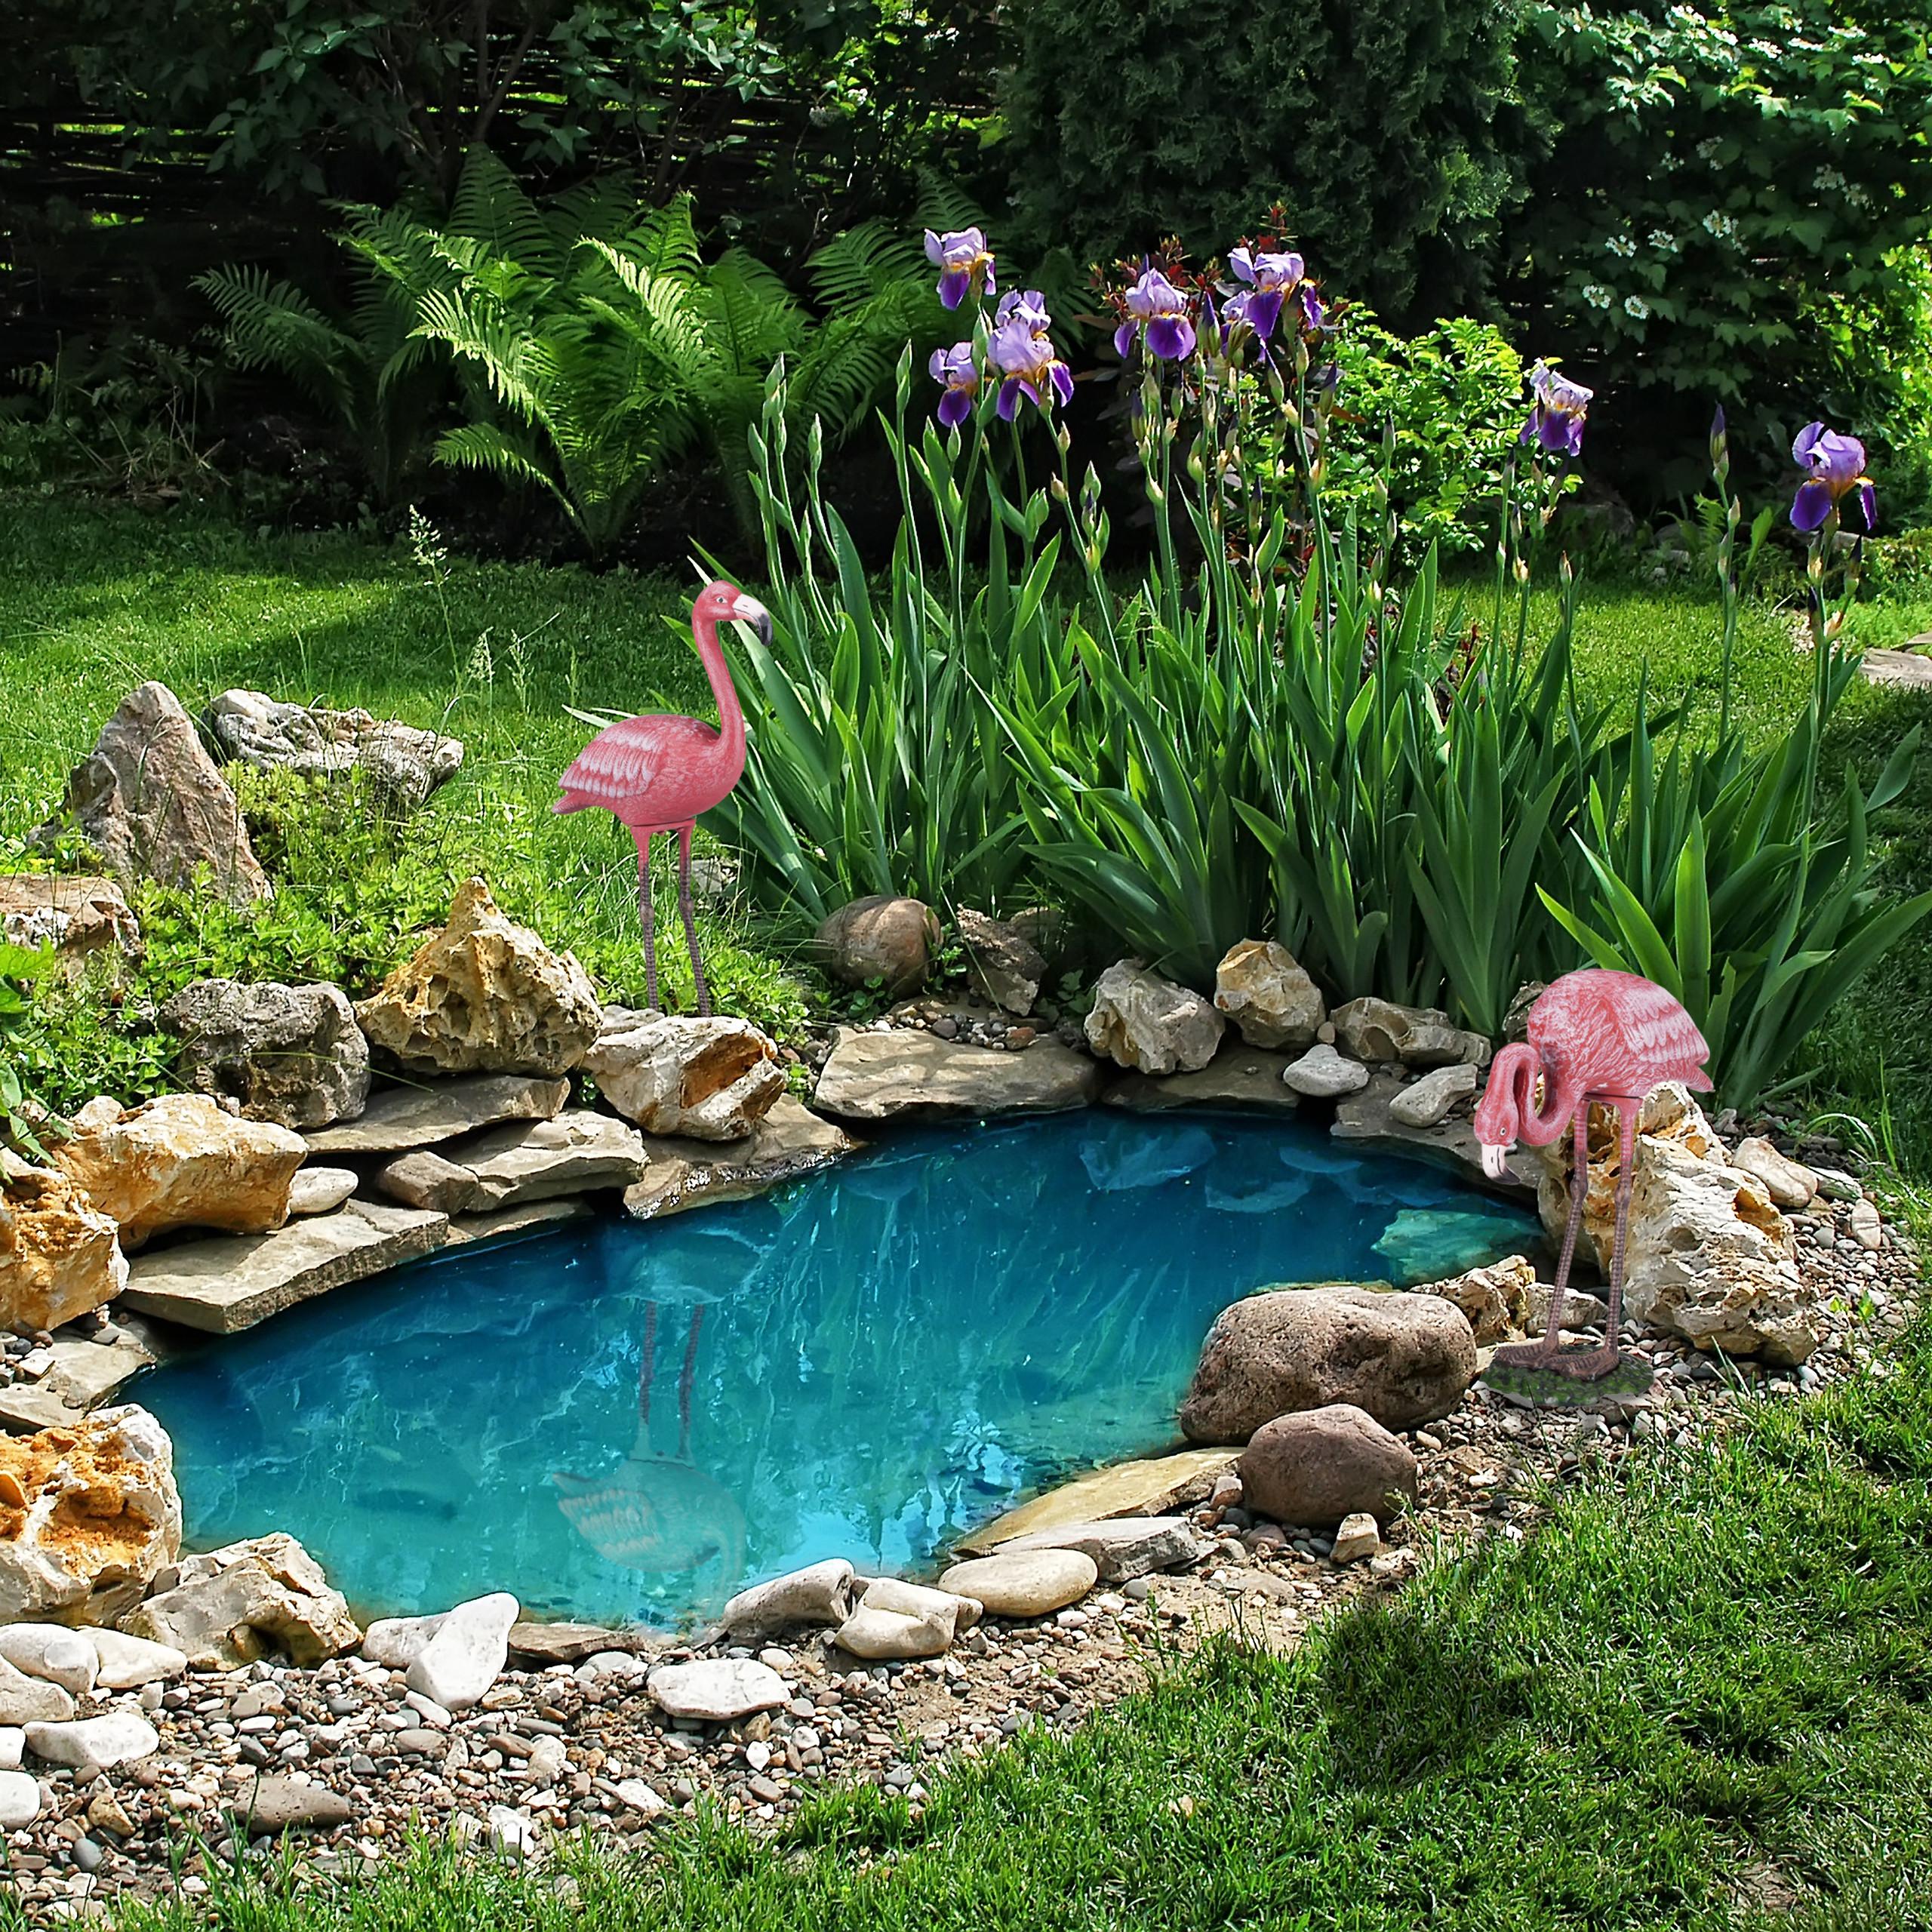 Dekofigur Flamingo Metallfigur Garten pink Gartendeko Metall Gartenfigur groß